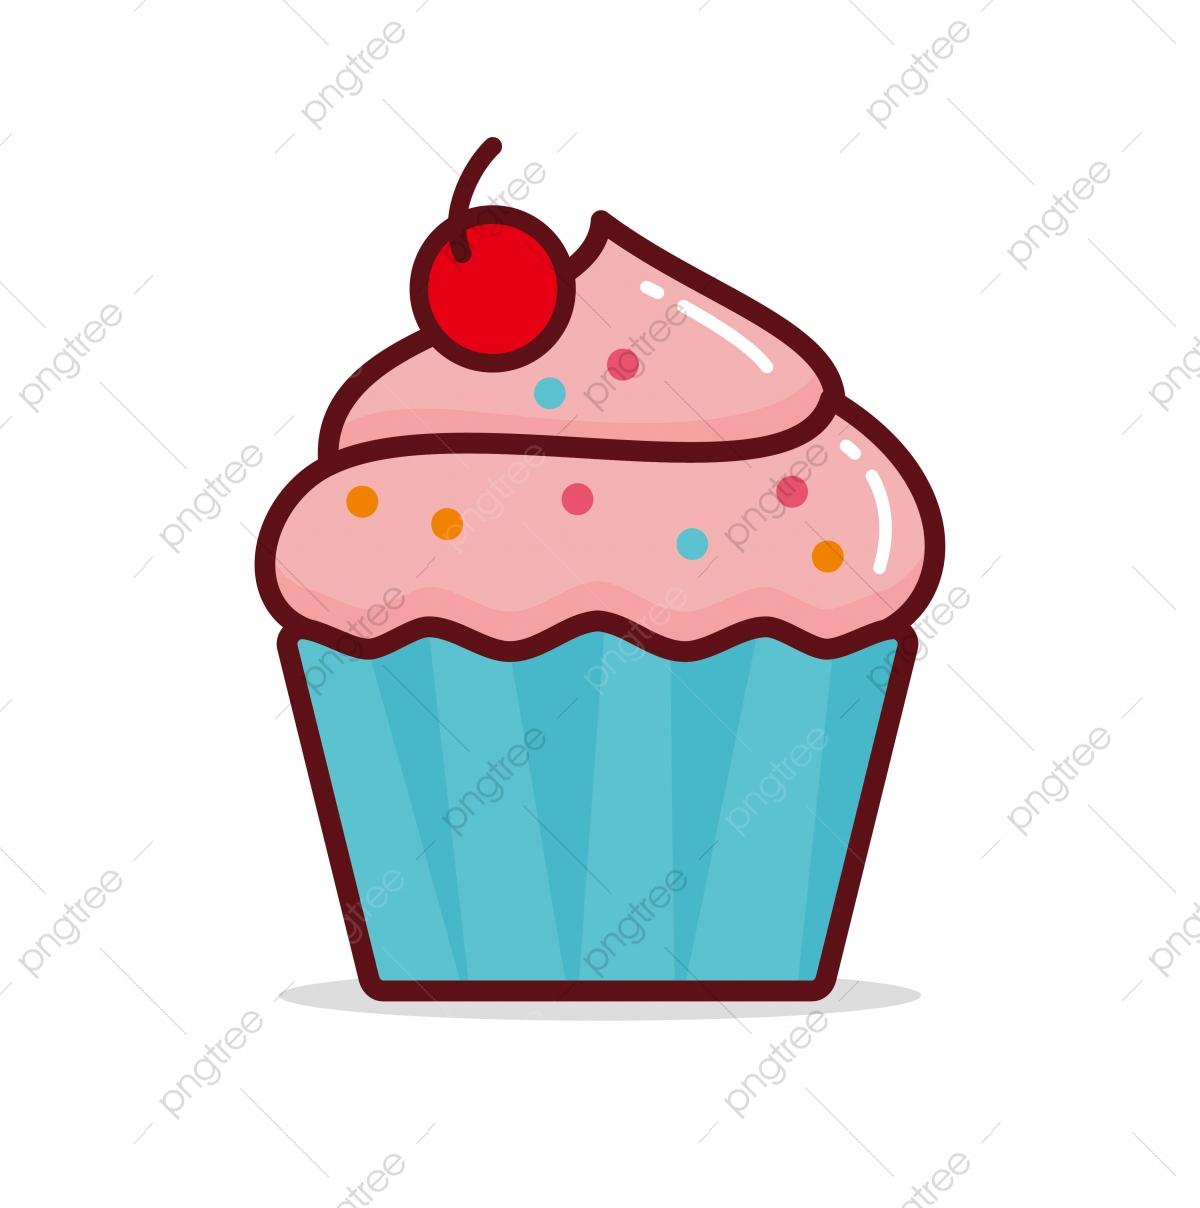 Illustration Vectorielle Cupcake Isolé Sur Fond Blanc